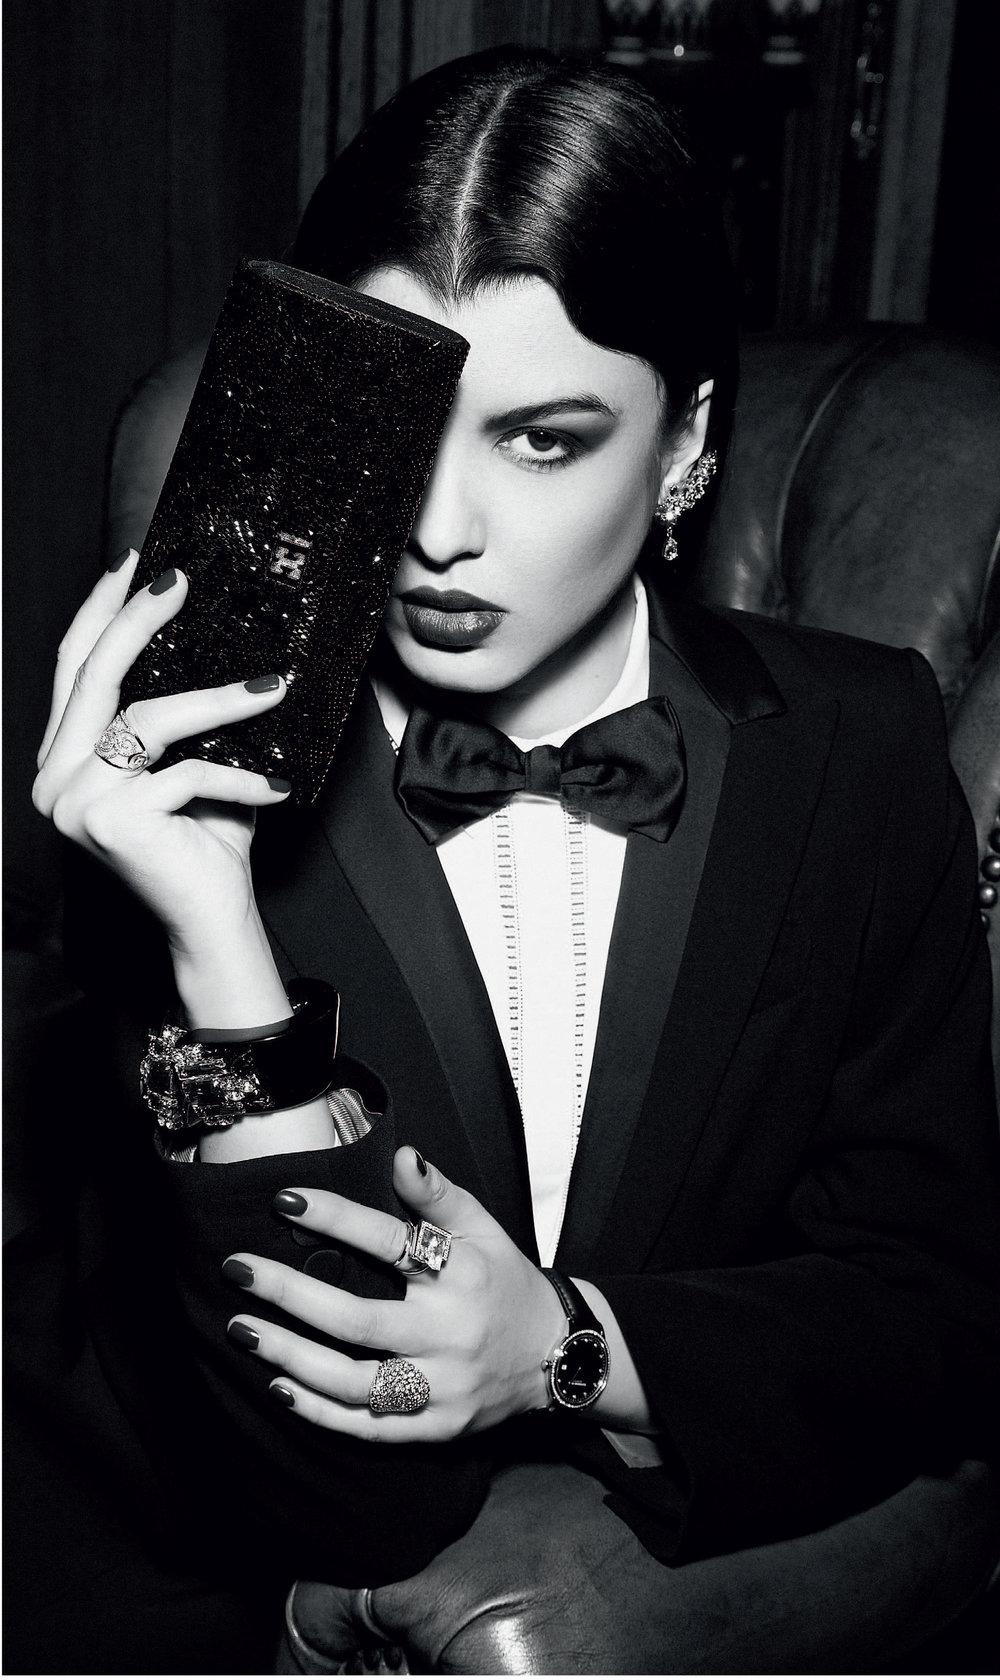 Koko_Ivet_Fashion_Pirina-1 2.jpg